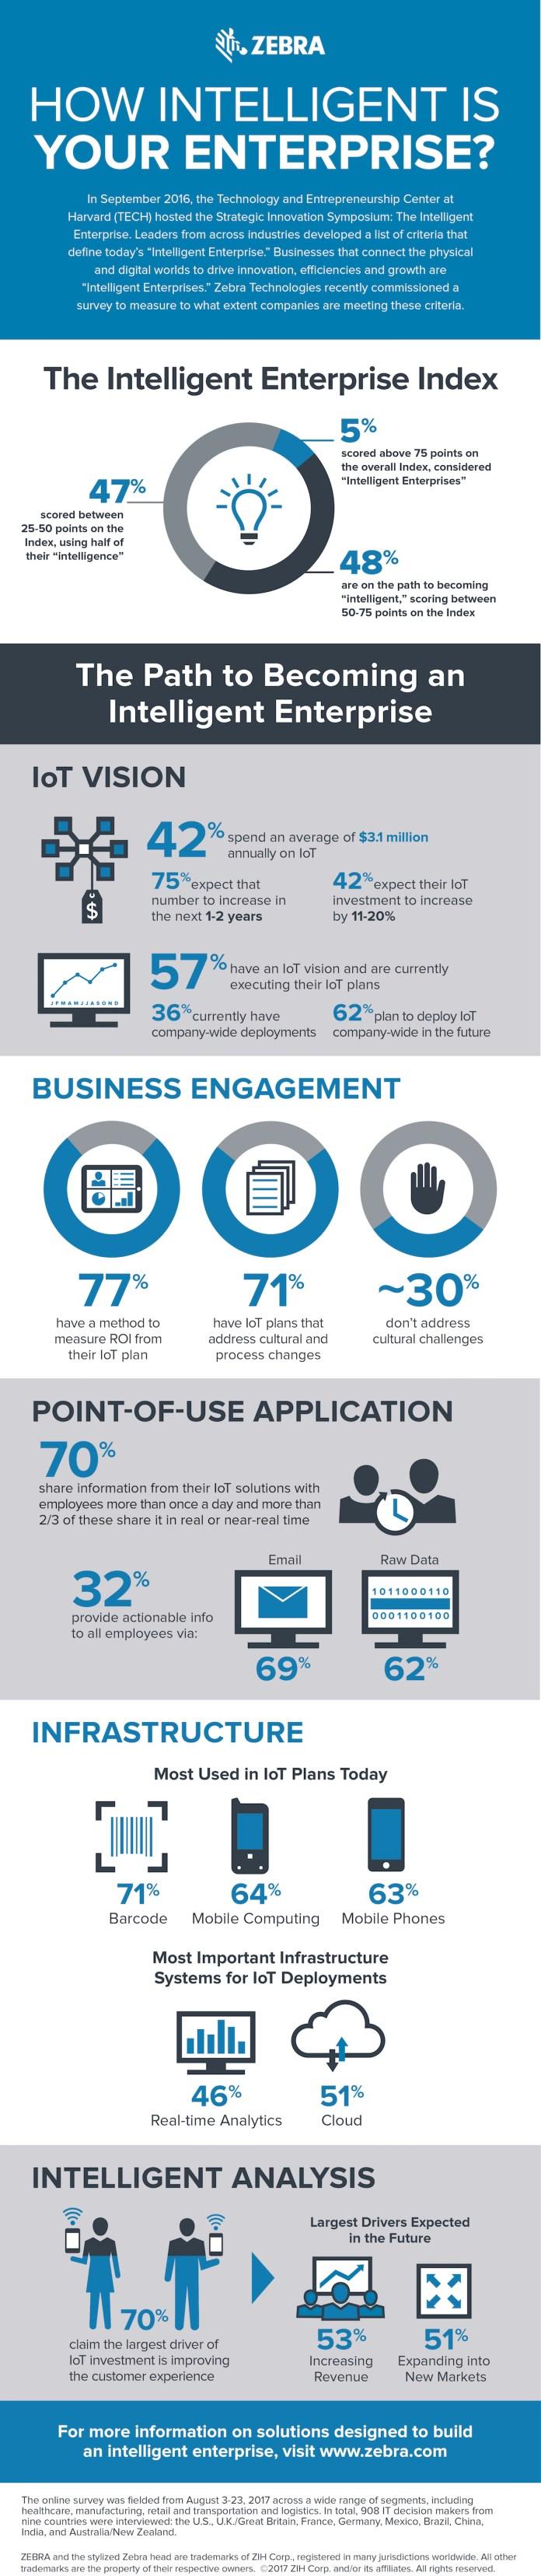 how-intelligent-enterprise-infographic-en-us-1027-1